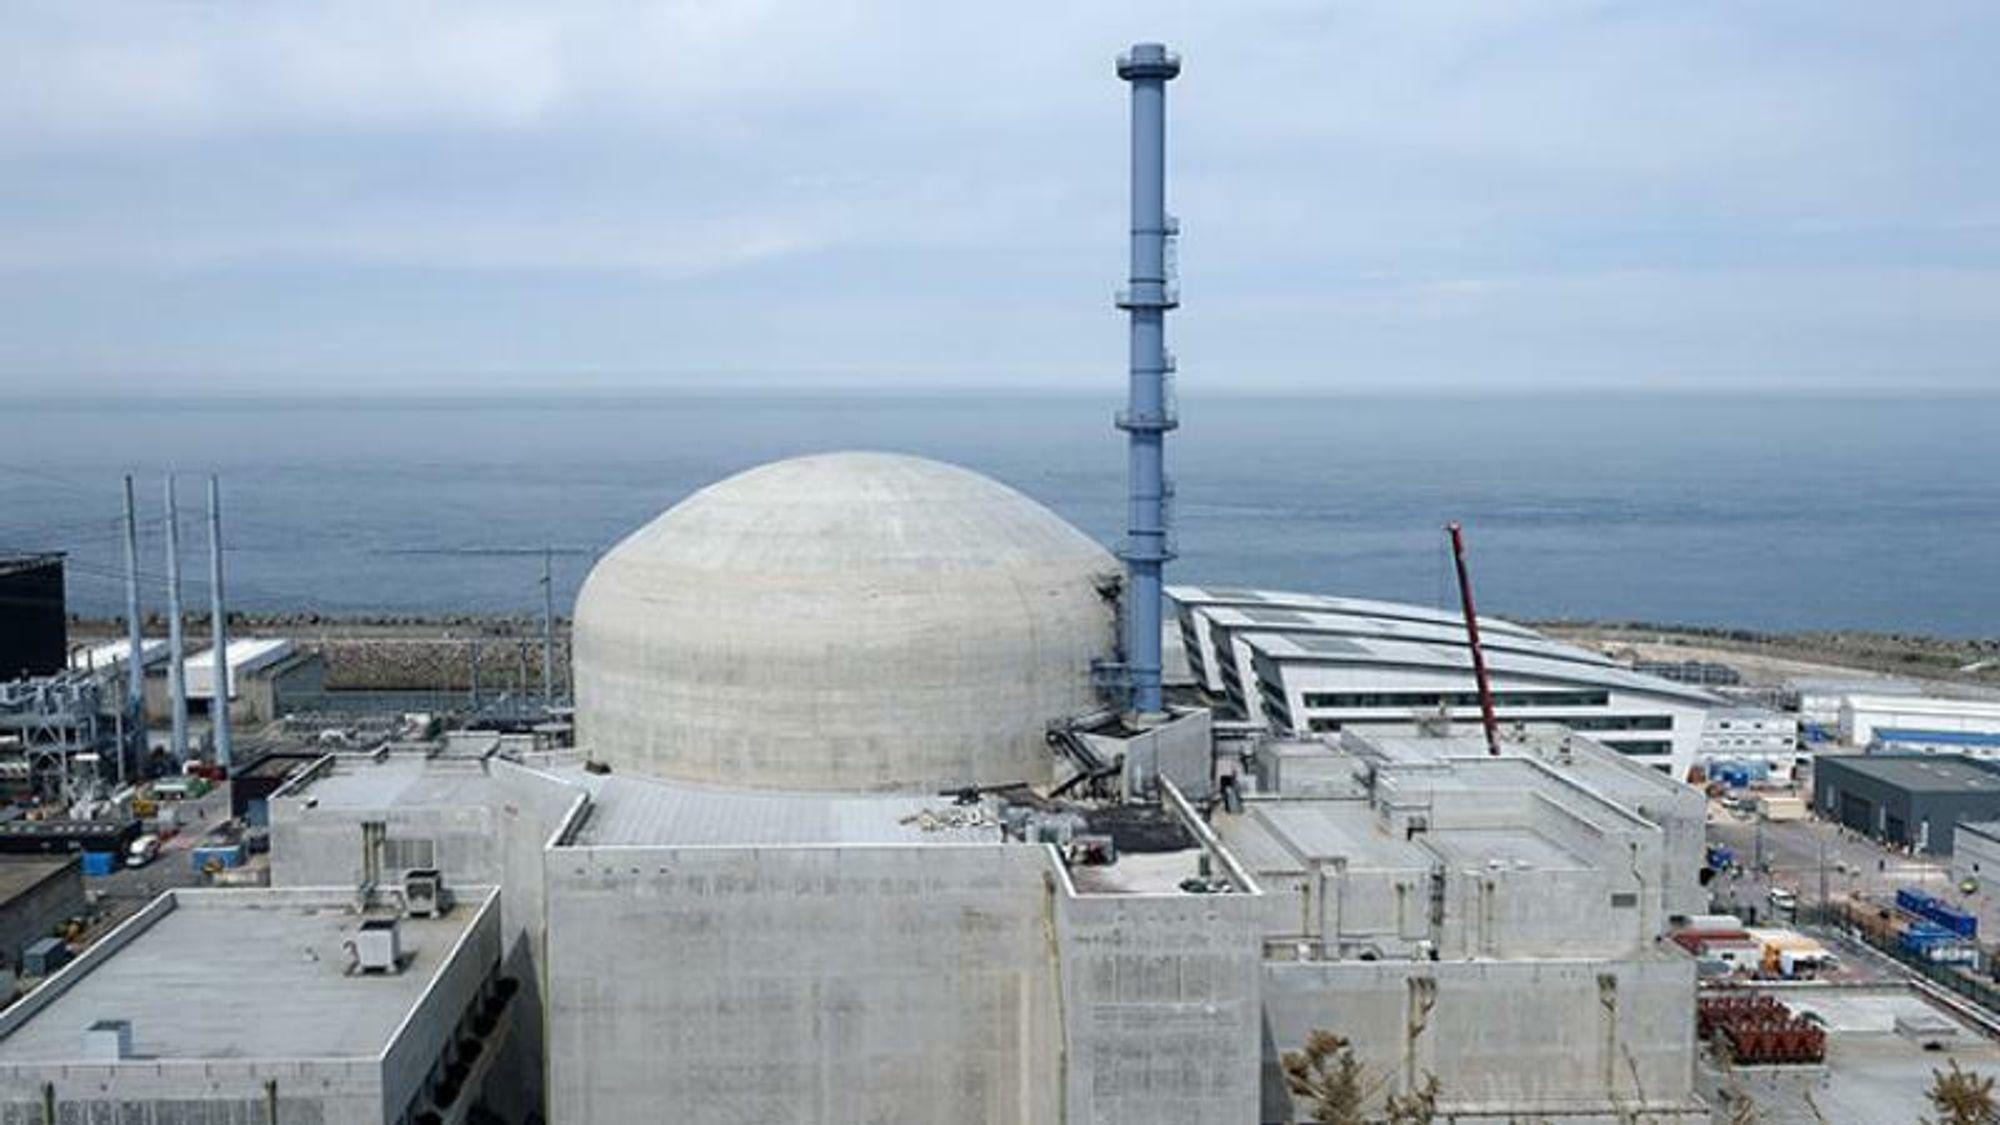 Flamanville 3 er en 1650 MW EPR-reaktor under konstruksjon i Frankrike.